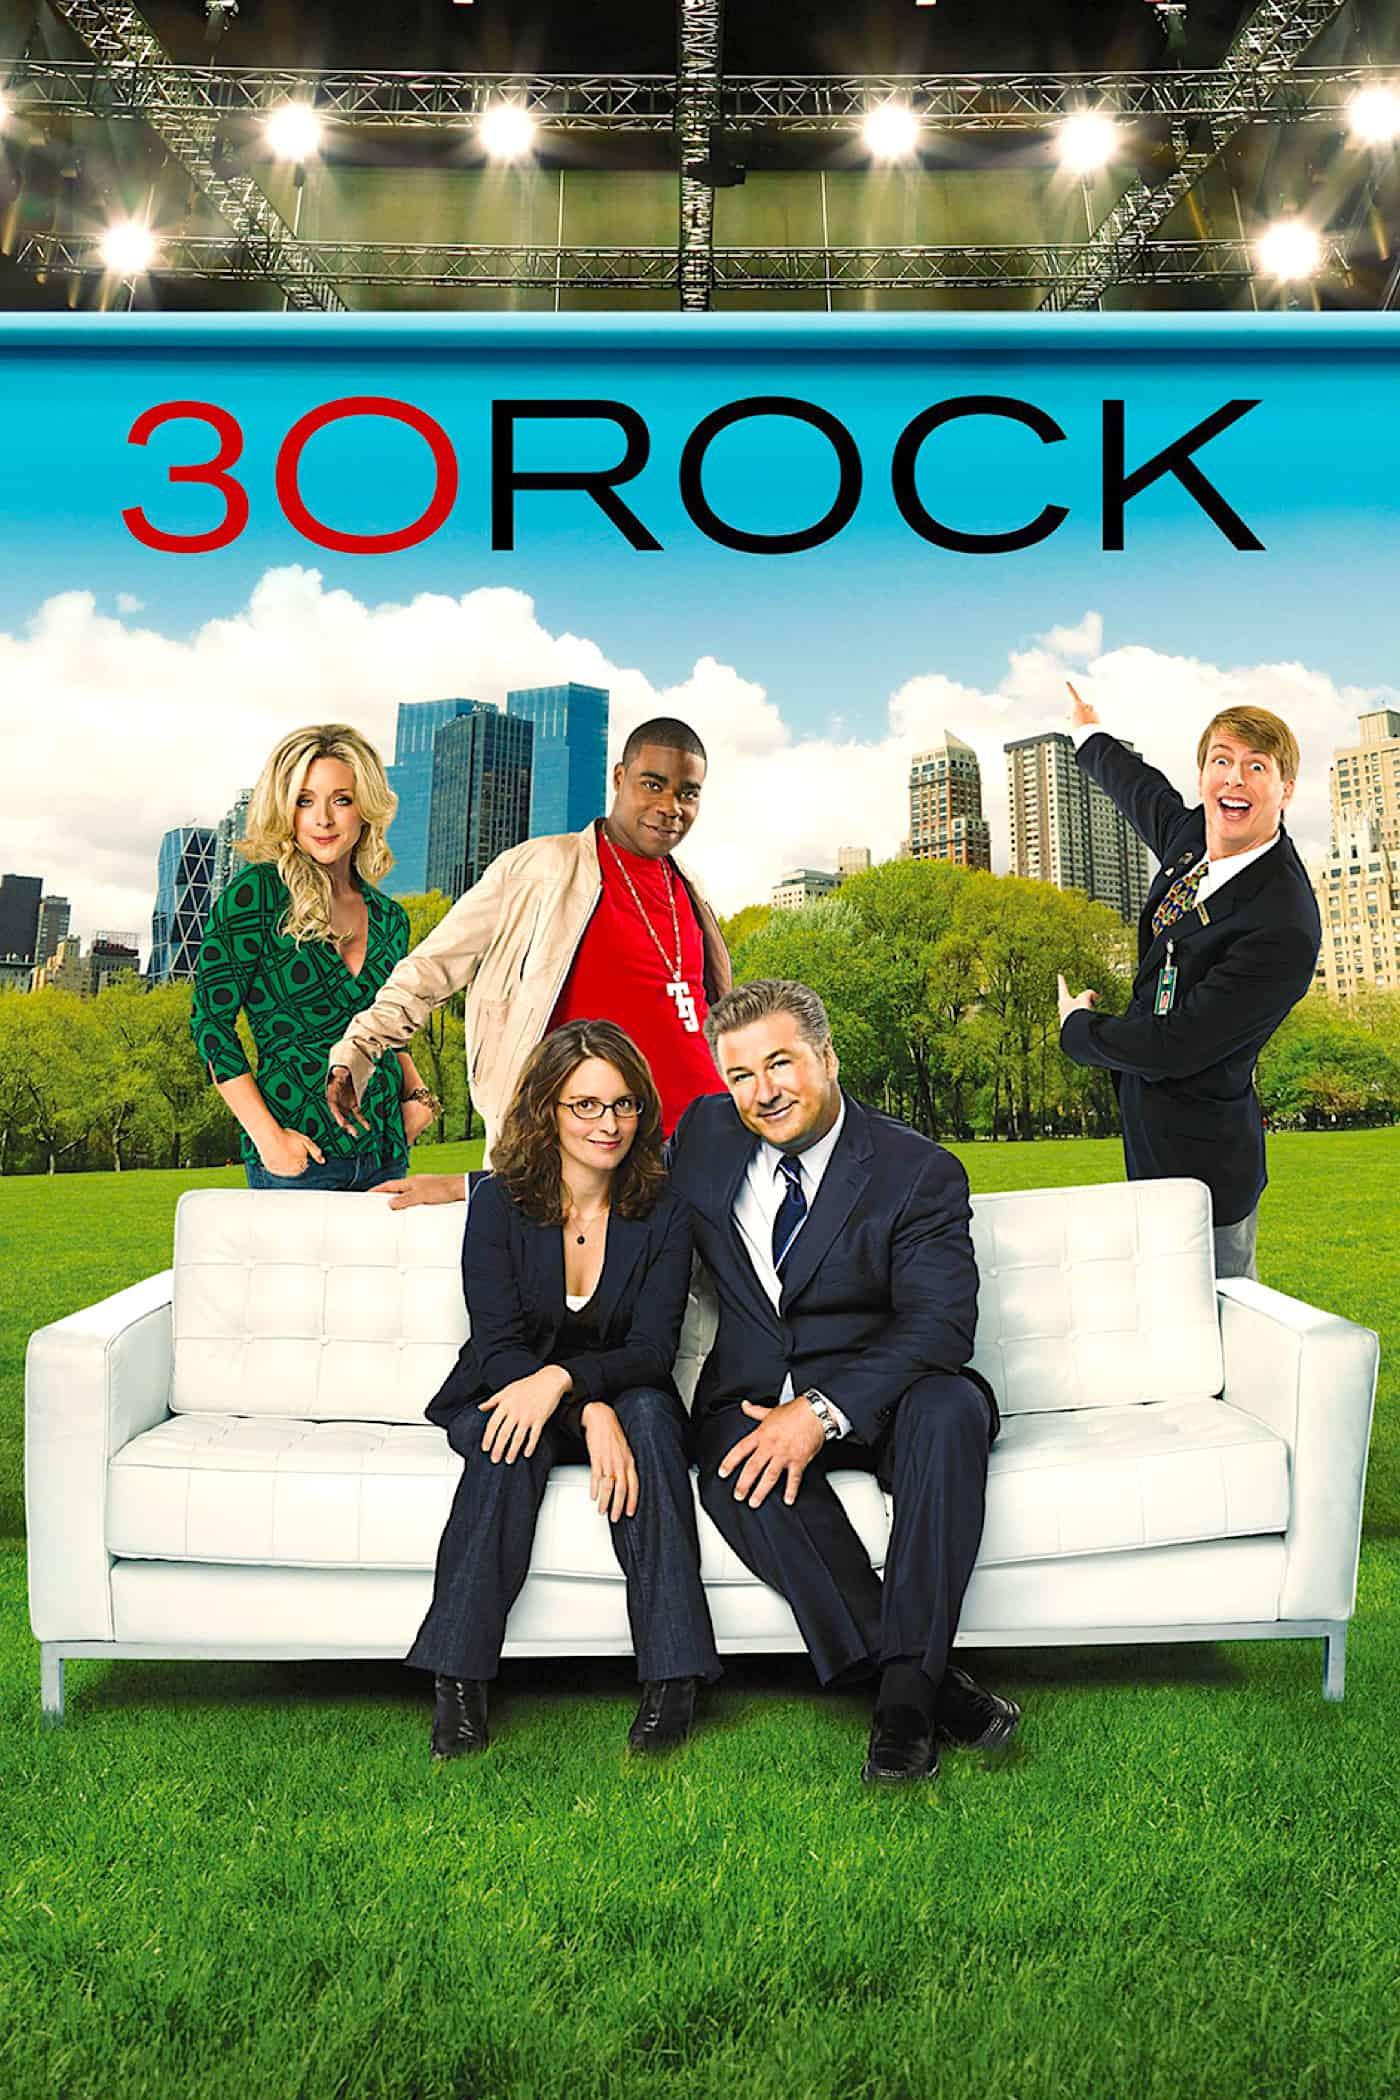 30 Rock, 2006